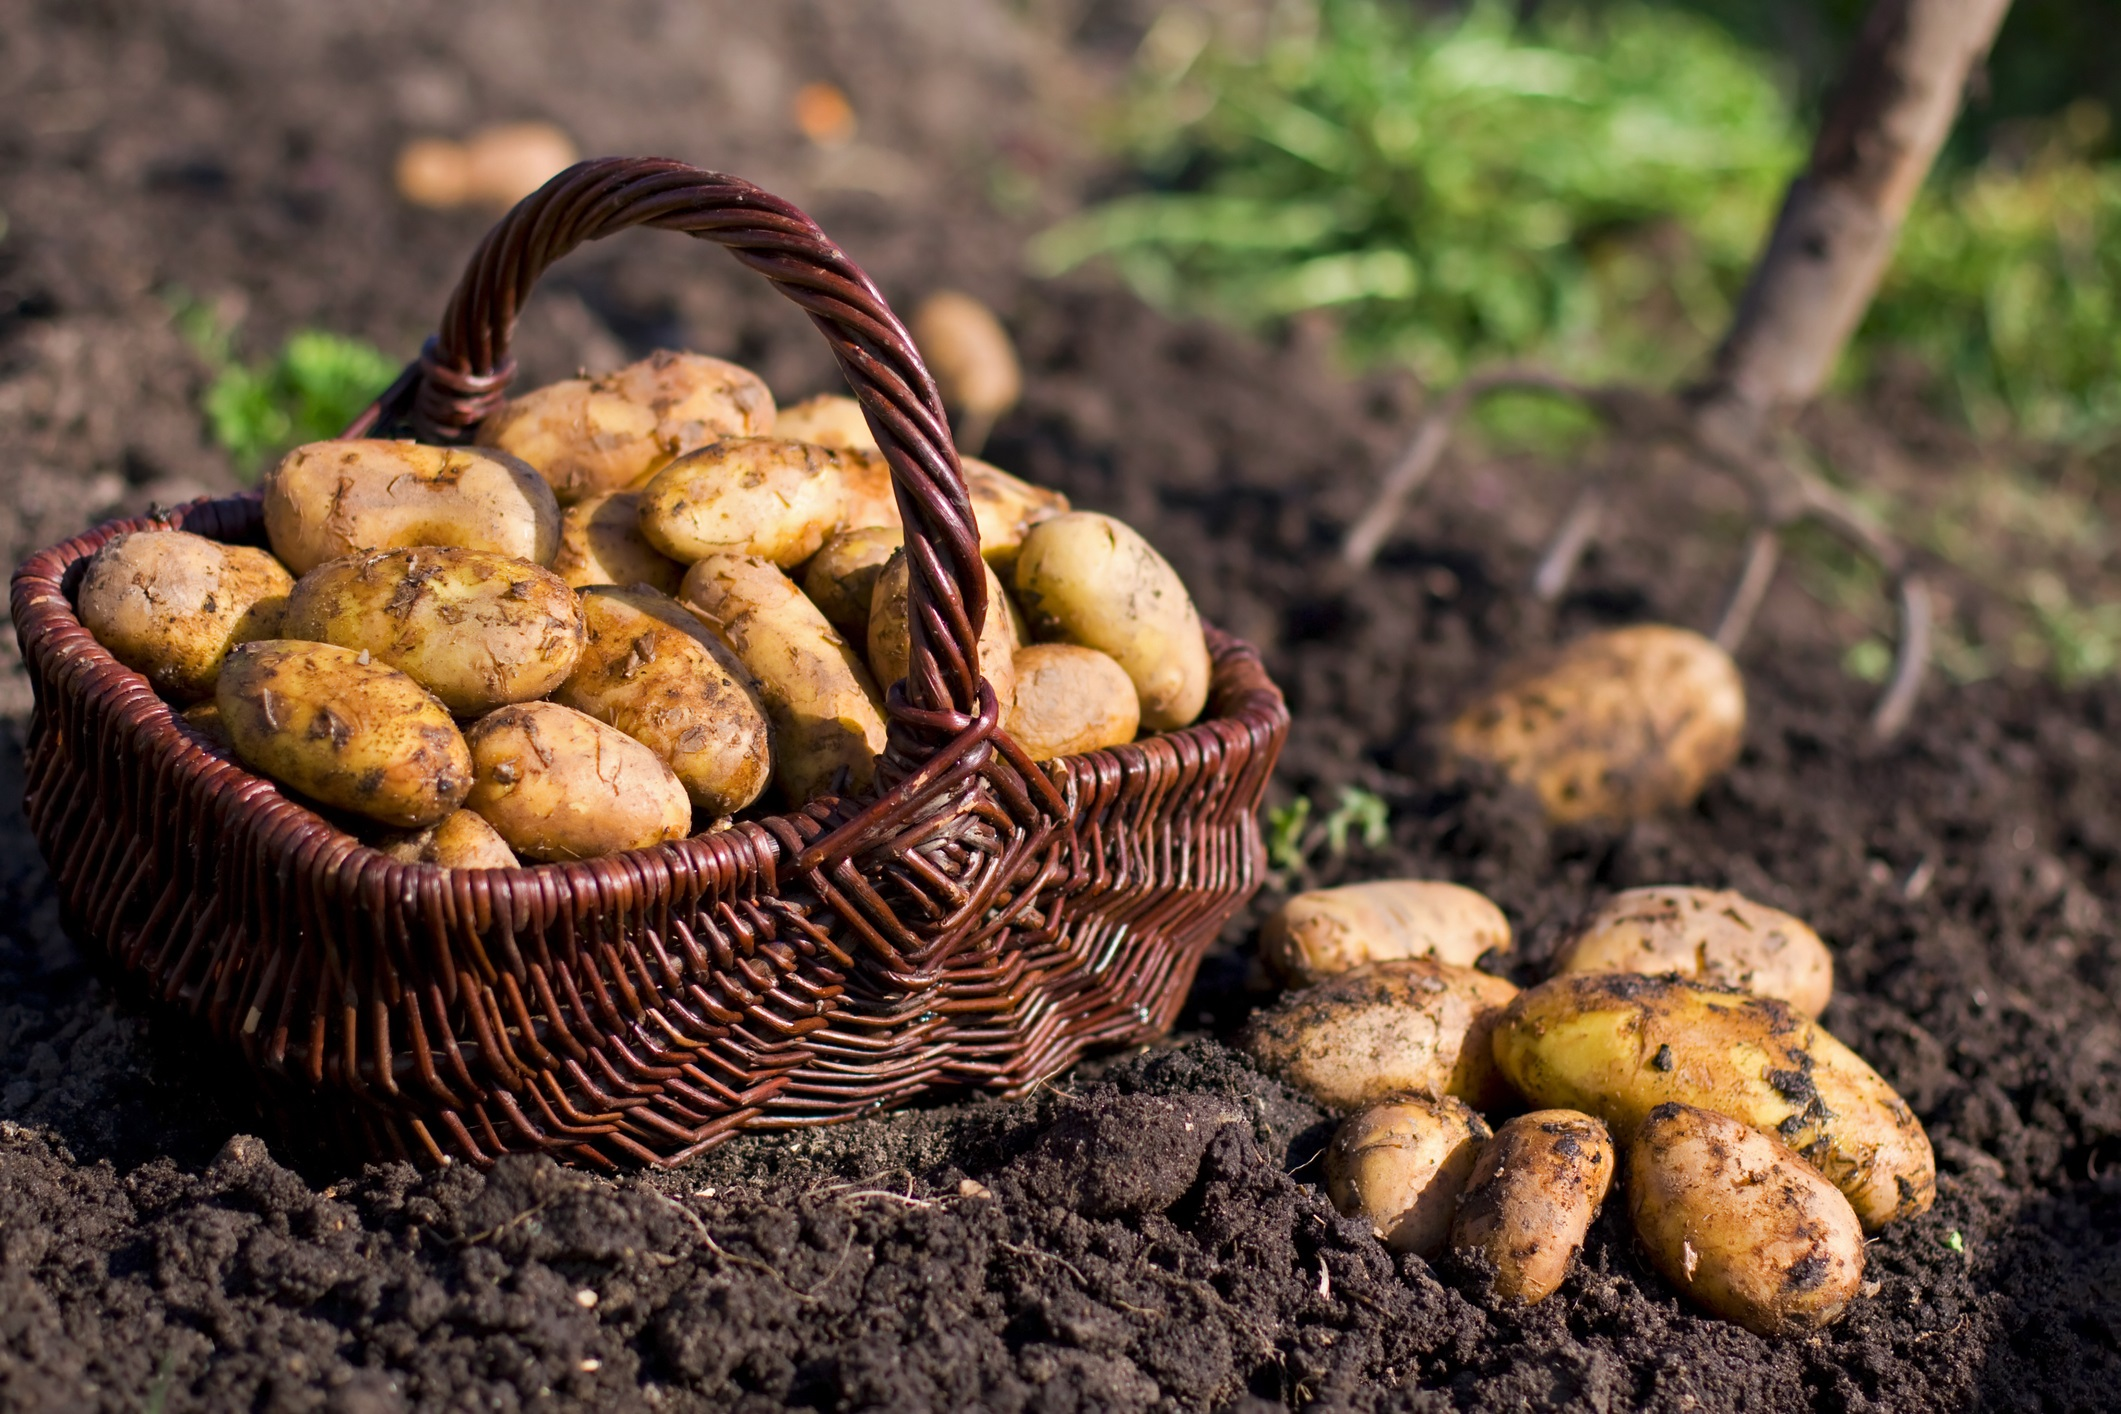 Potatoes in field